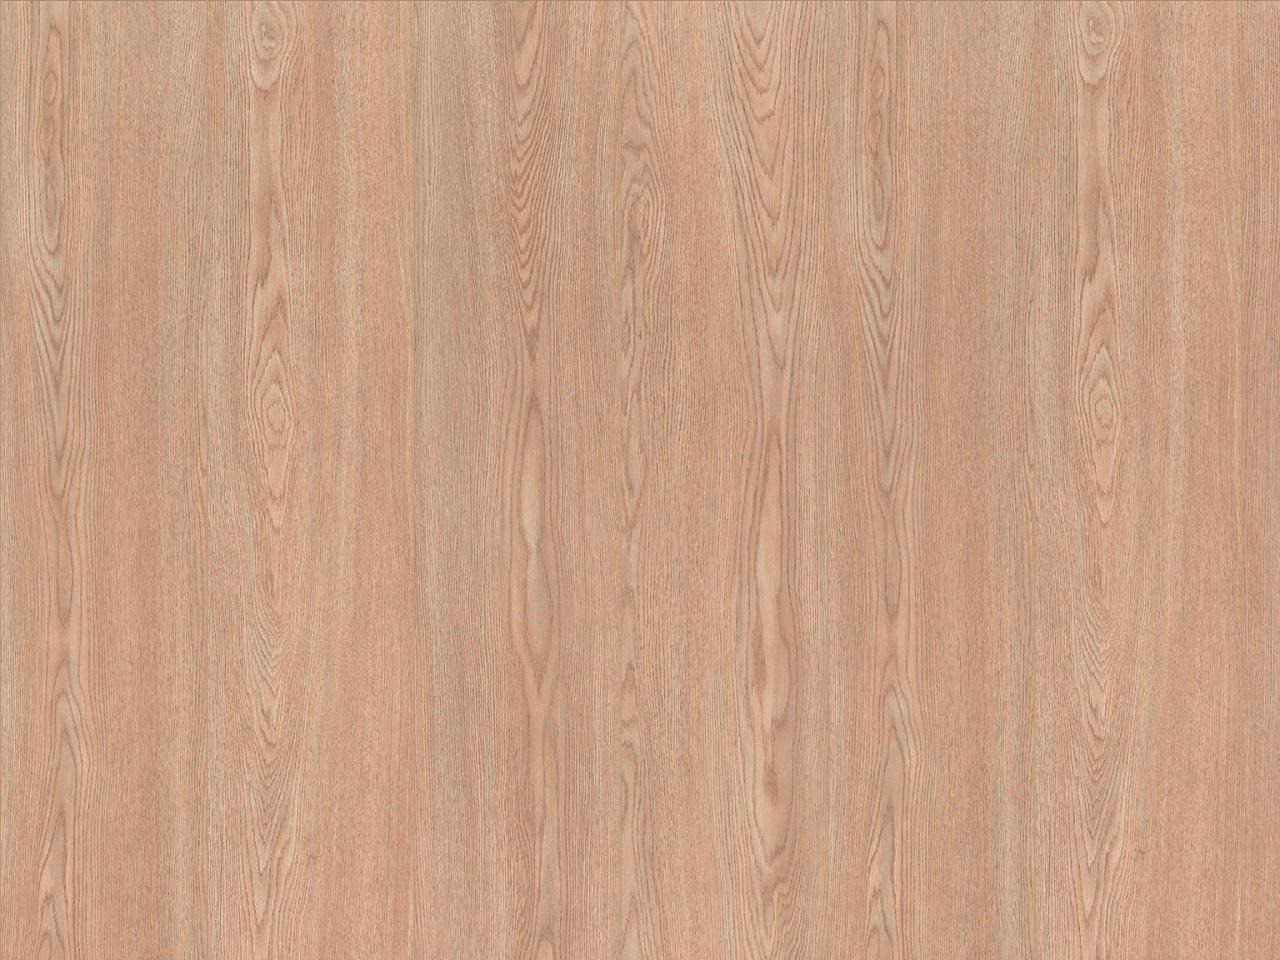 Laminatboden Oak Gallery Format L – Grained Oak Beige, LV4170